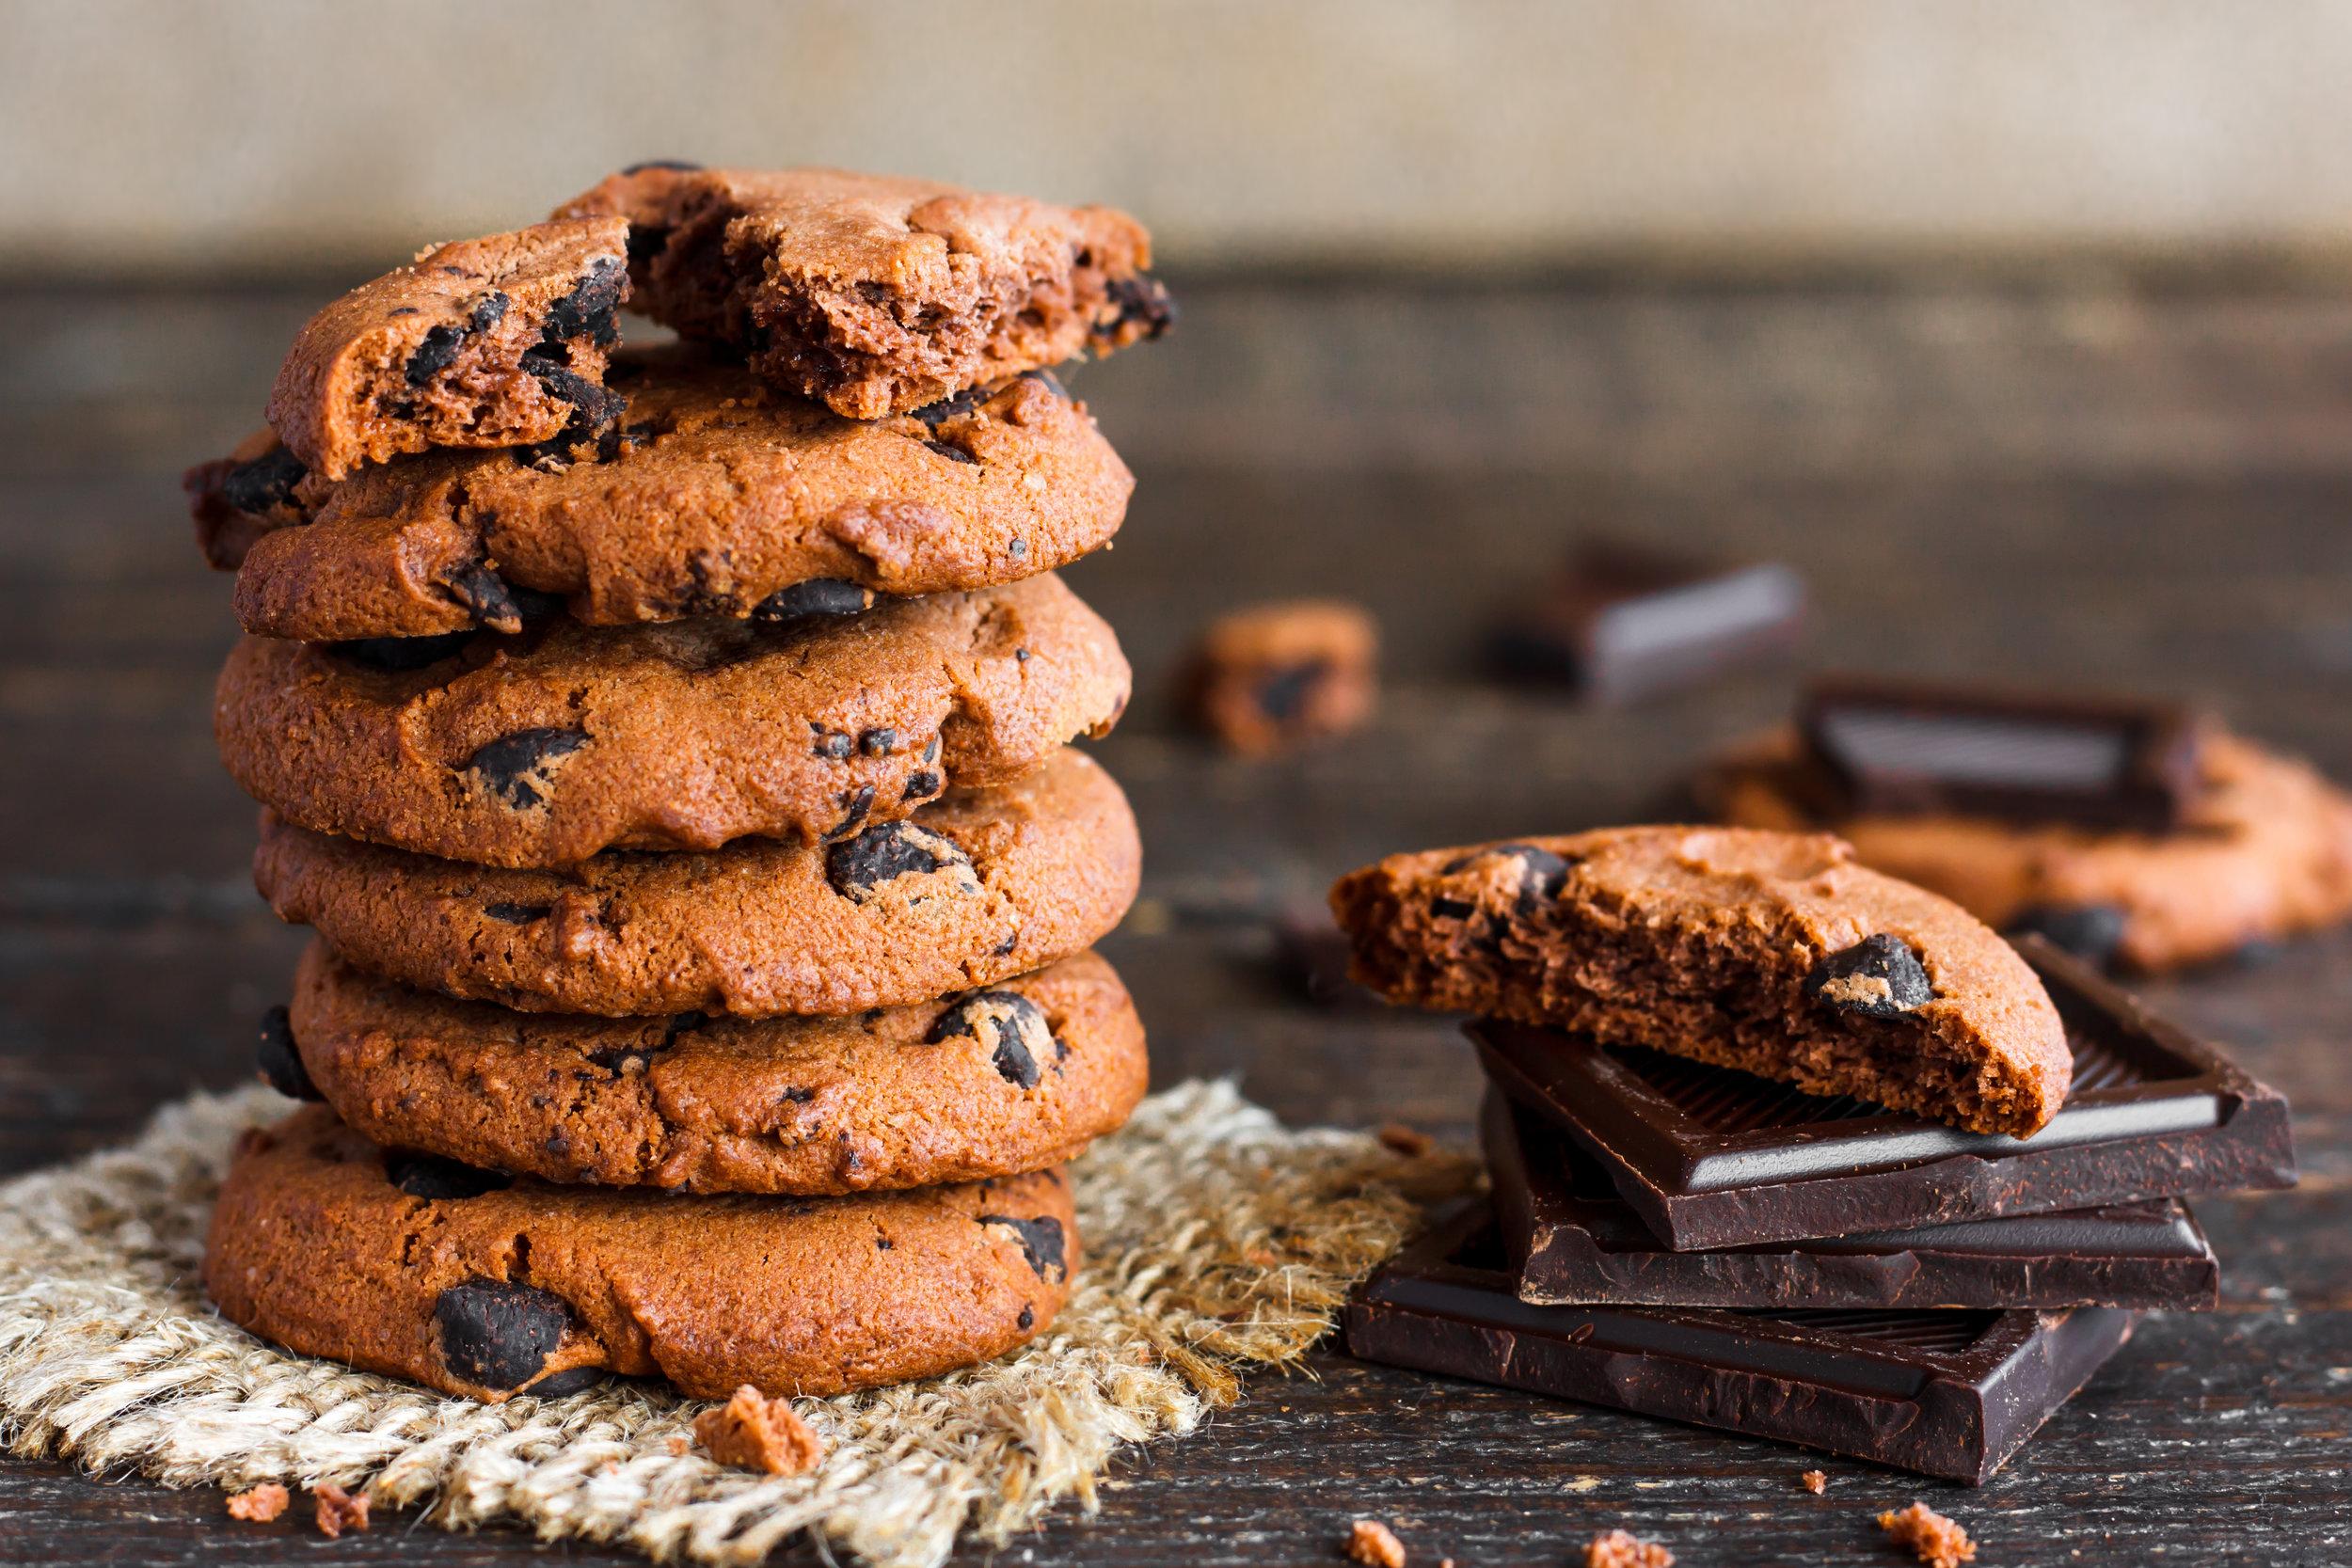 Choc Choc Cookie